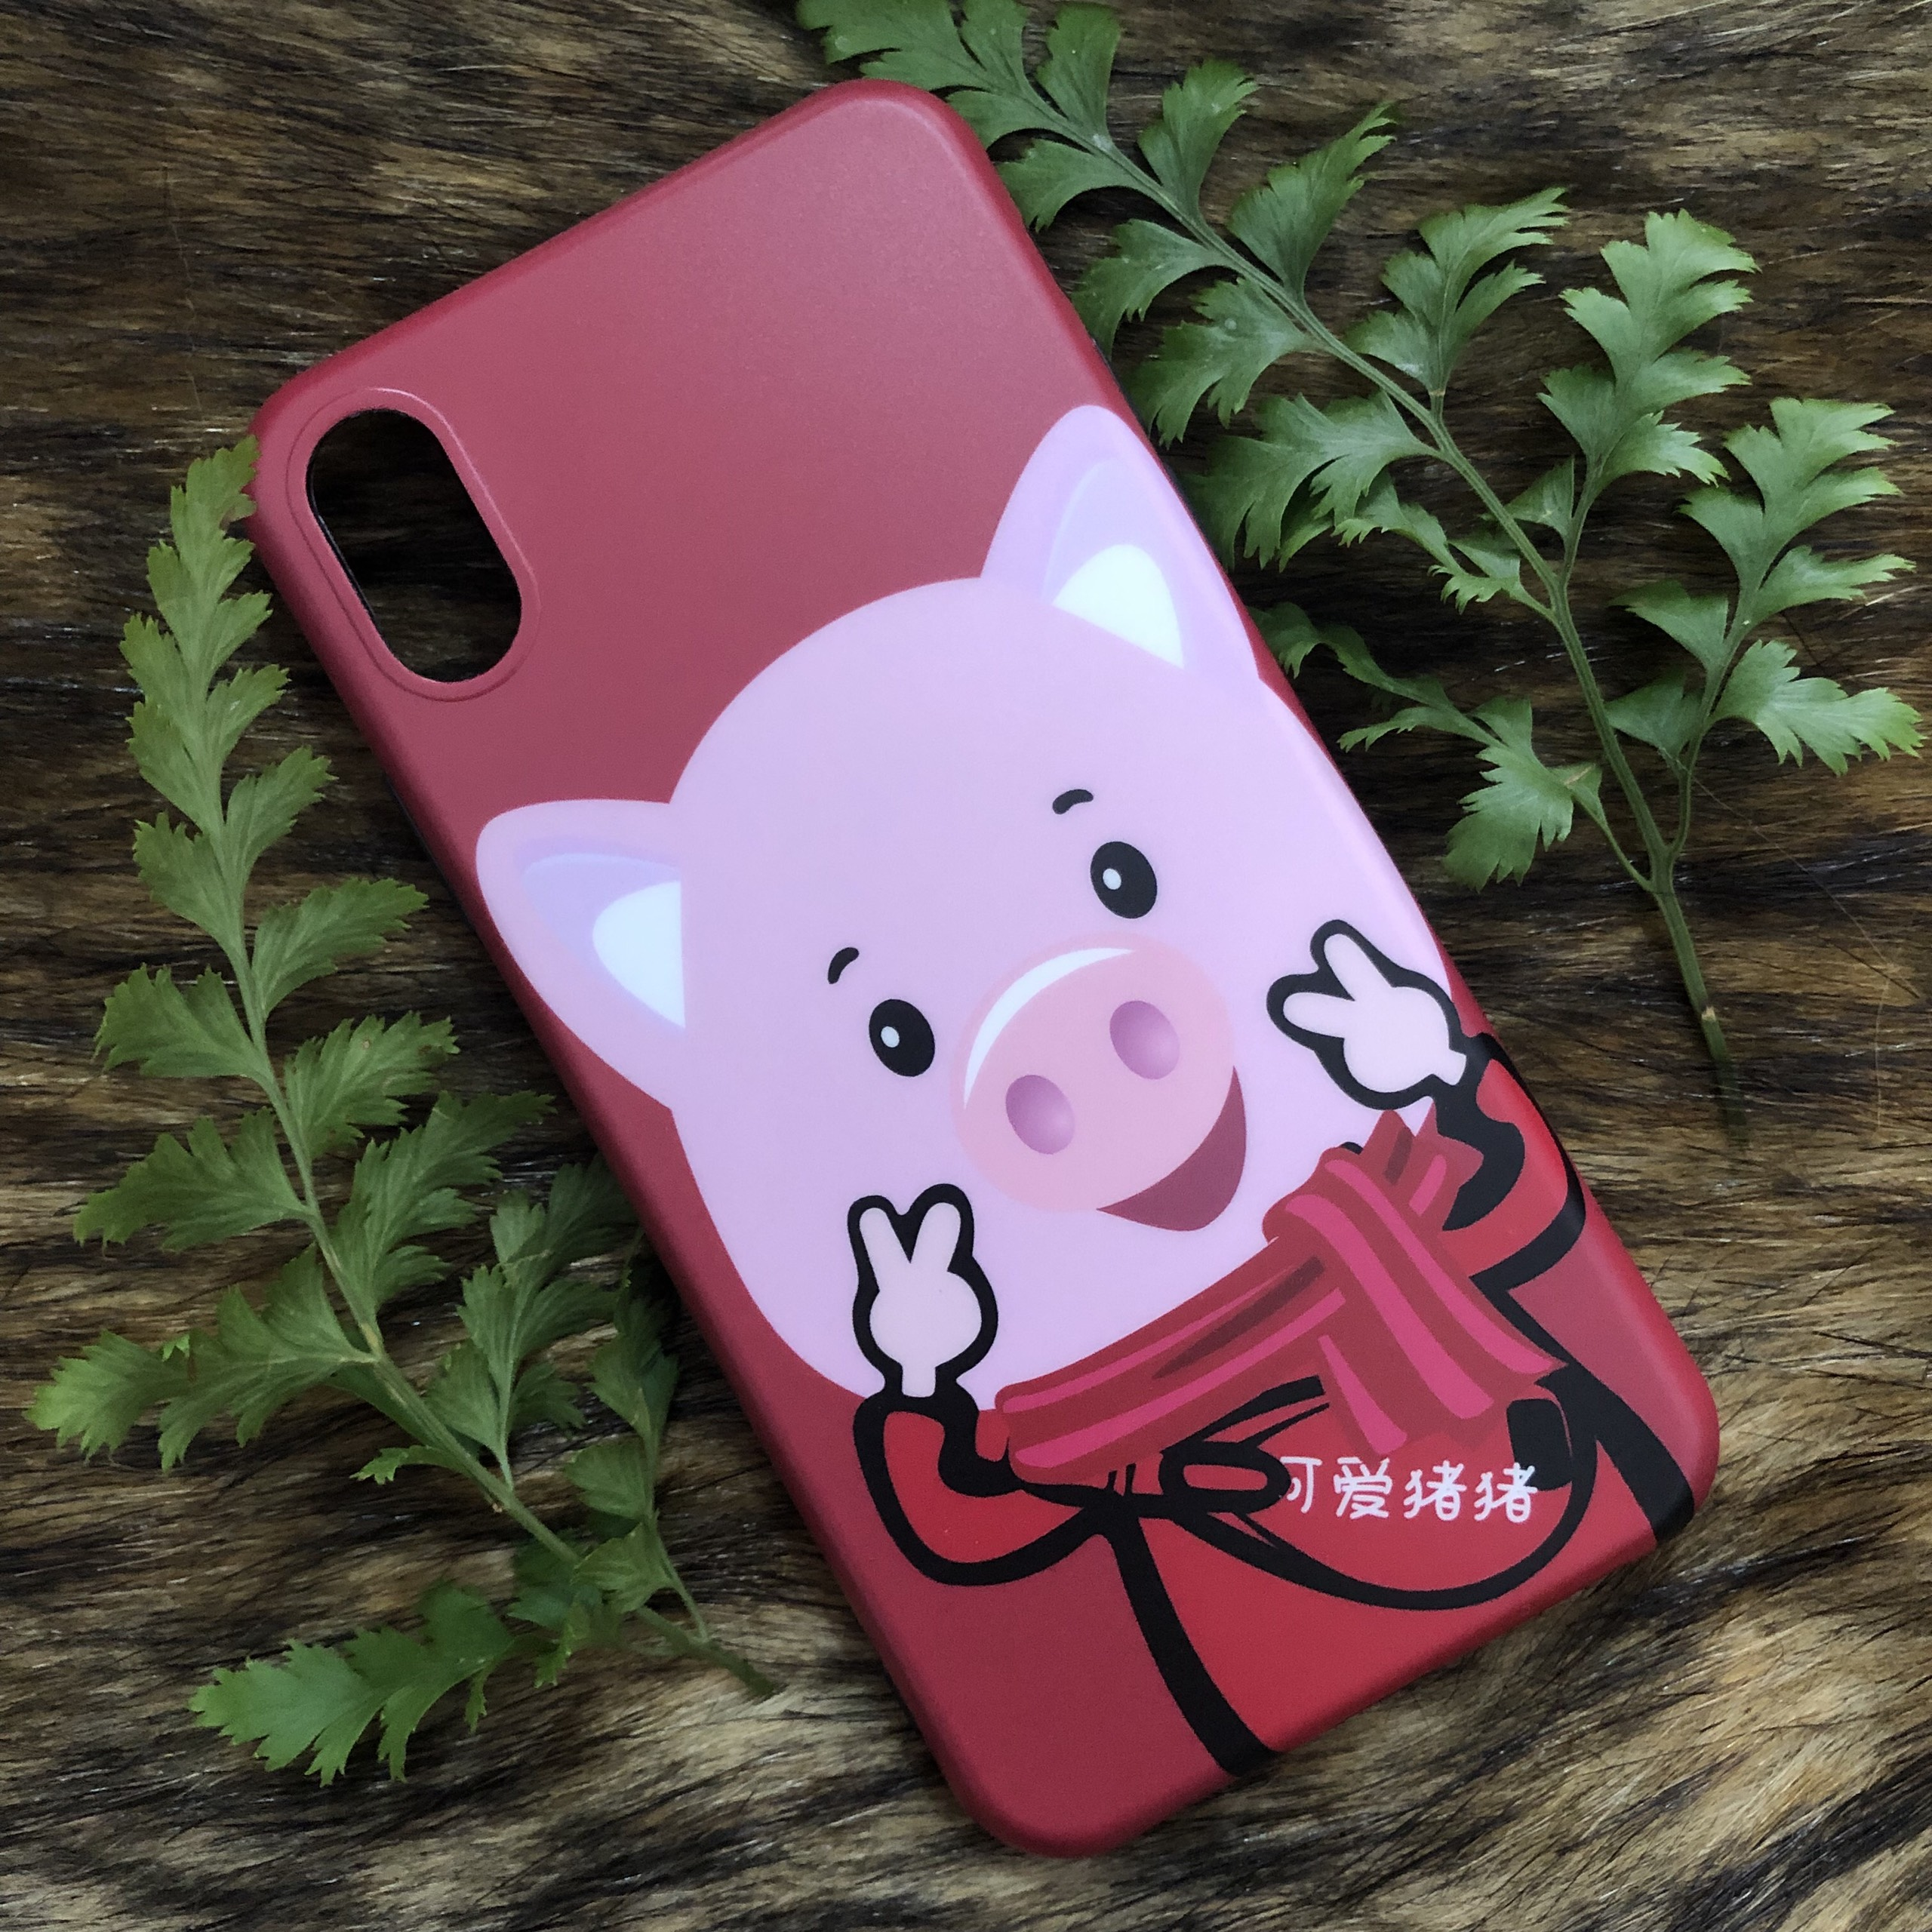 Ốp Lưng IMD Hàn Quốc Dành Cho Iphone - Hình Chú Heo - Mẫu 6